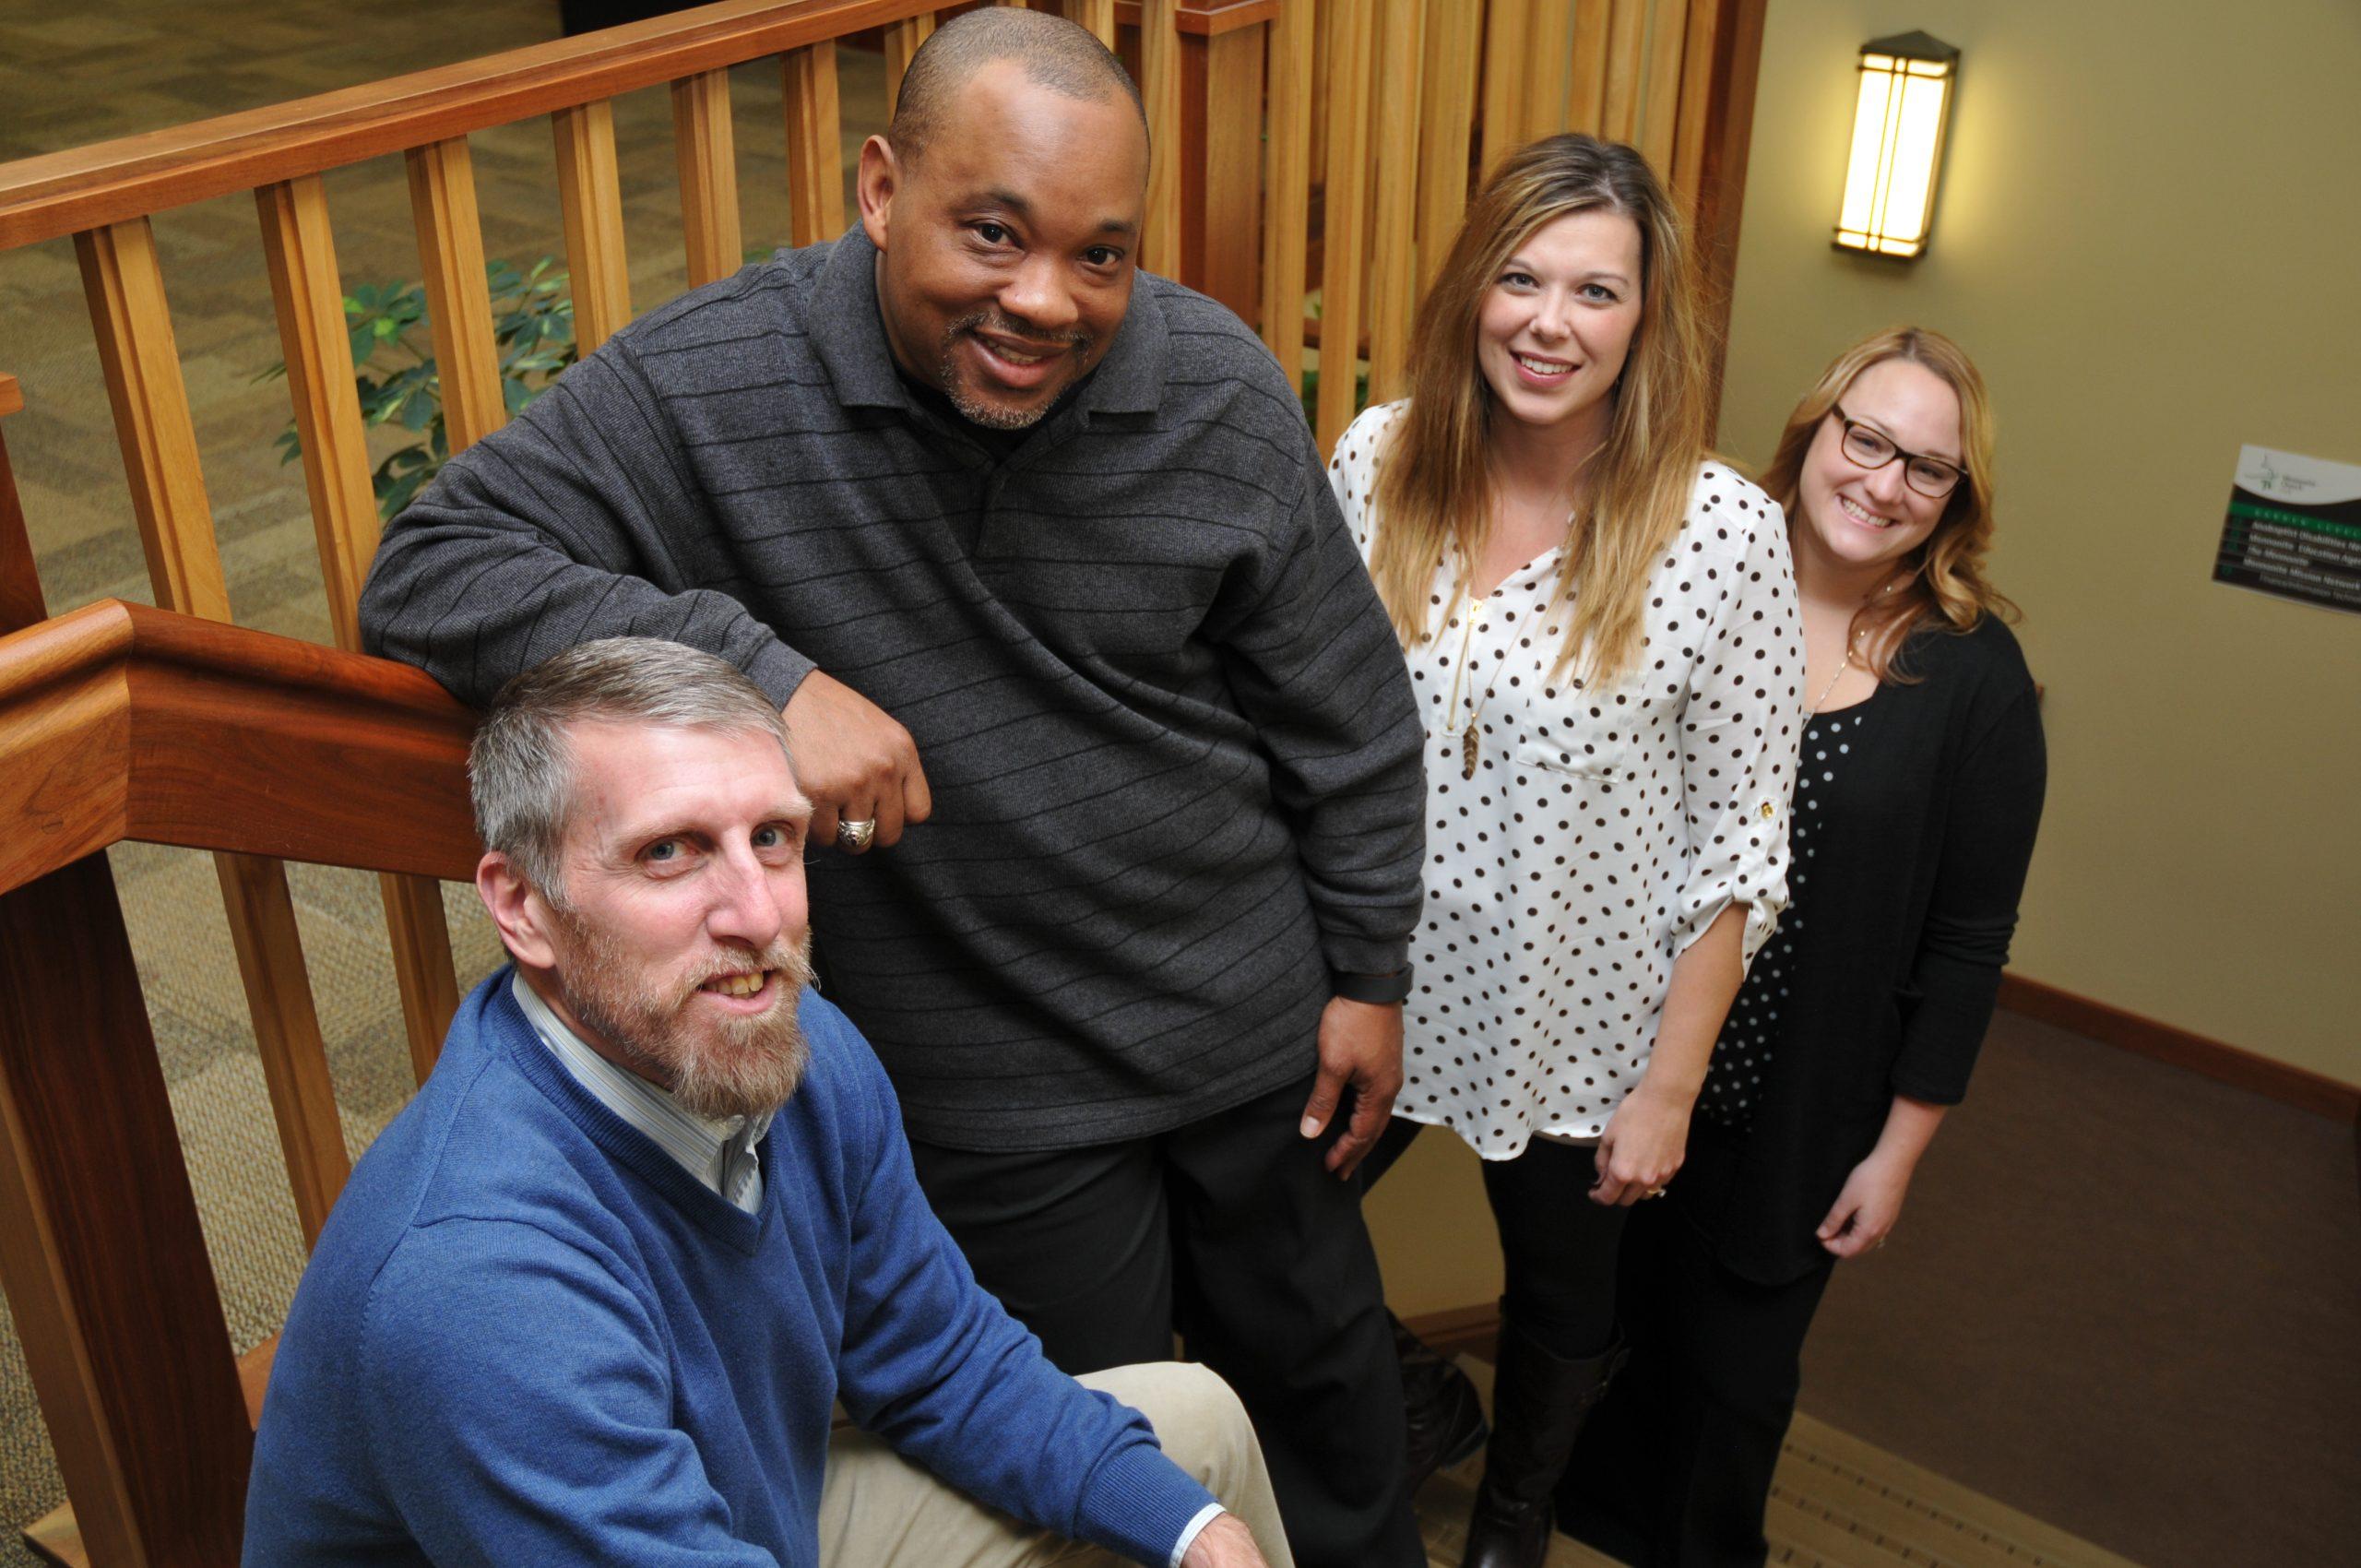 Convention Planning staff (l. to r.): Scott Hartman, Glen Alexander Guyton, Tonya Keim Bartel, Sarah Chase